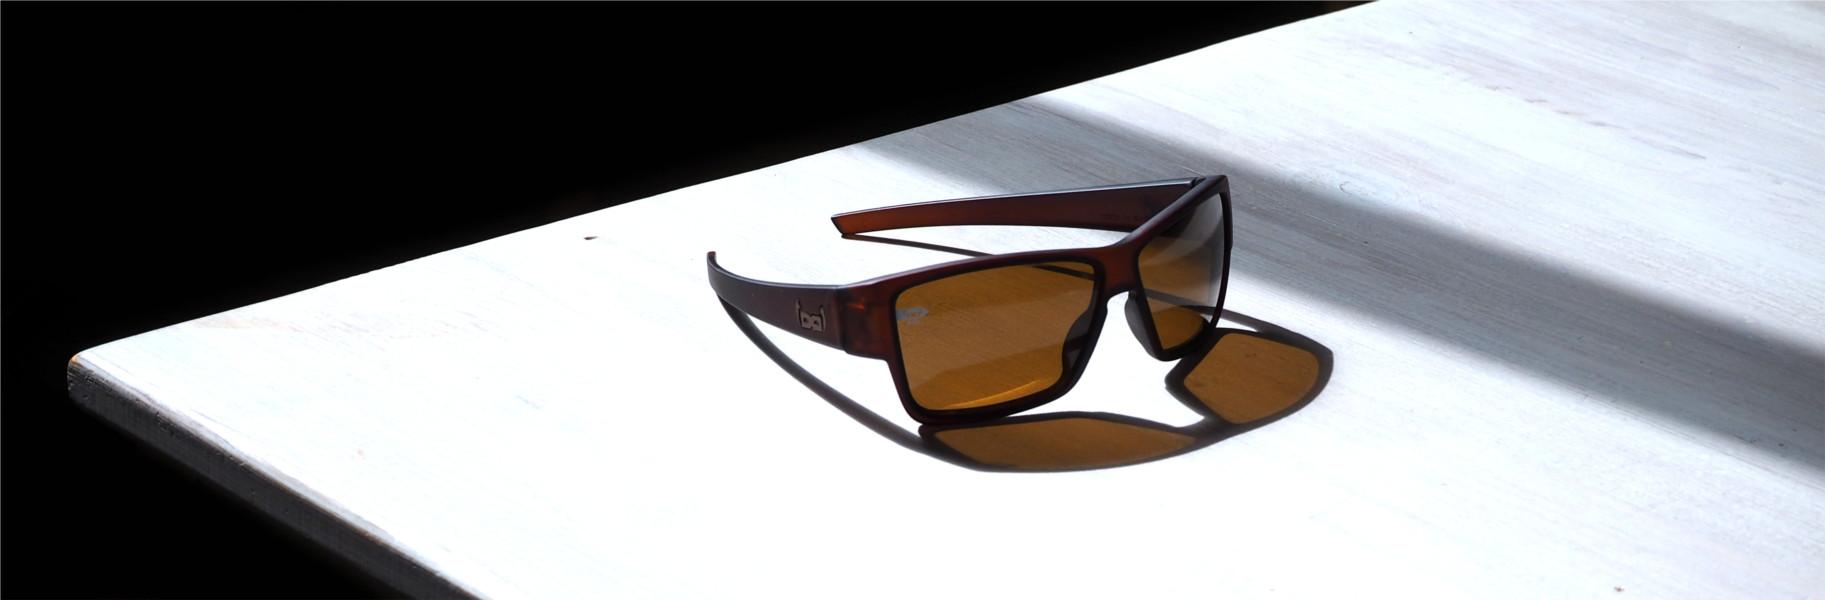 Sportbrille mit gutem Schutz vor Wind, Staub und Insekten im Test